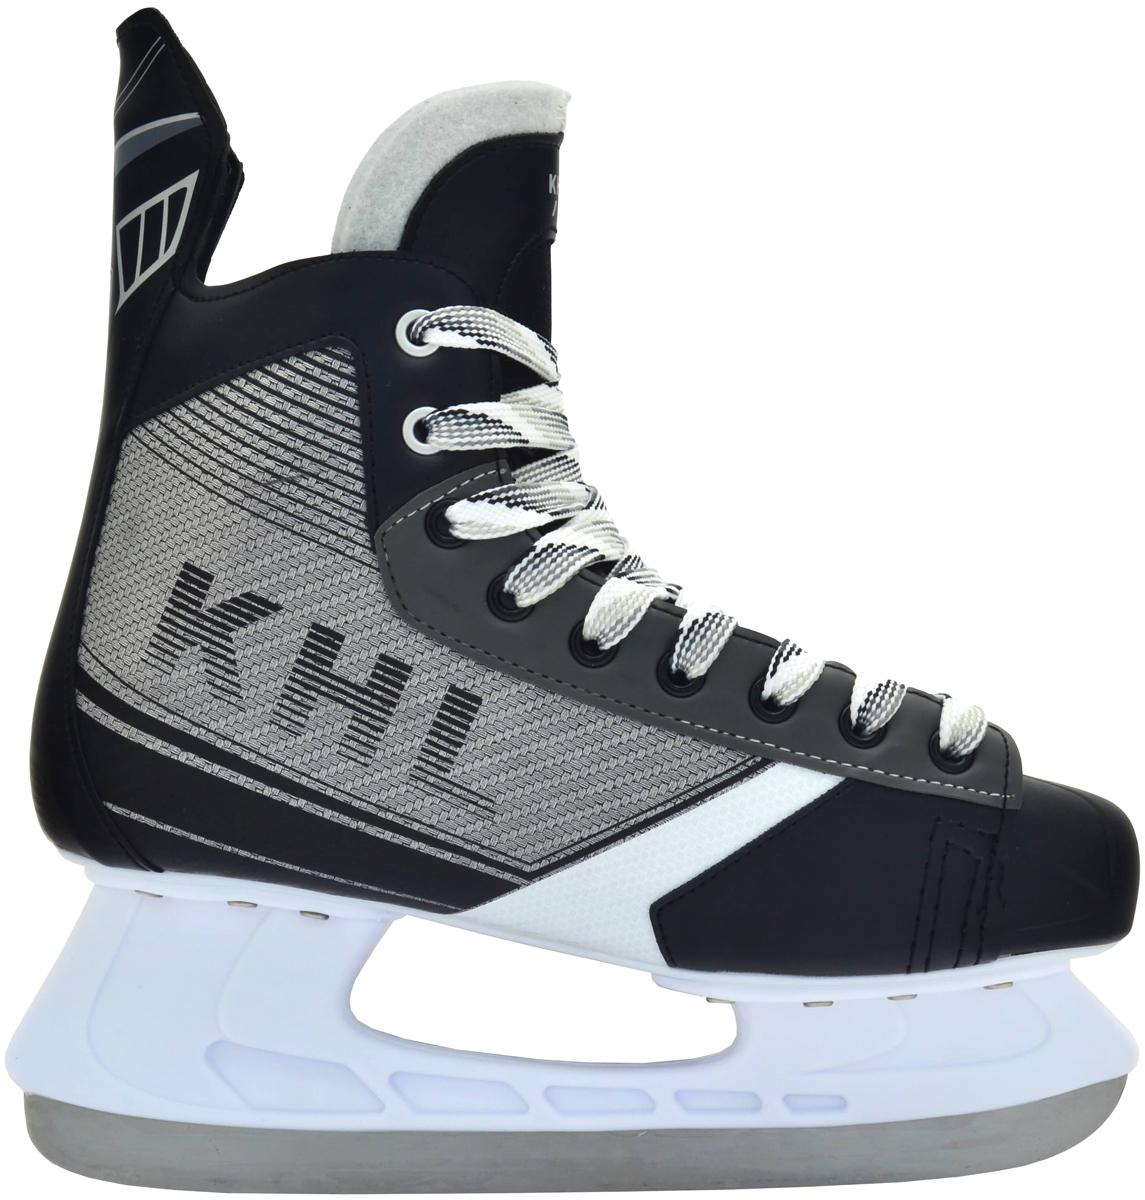 """Коньки хоккейные мужские KHL """"Hyper"""", цвет: серый, черный, белый. Размер 41"""